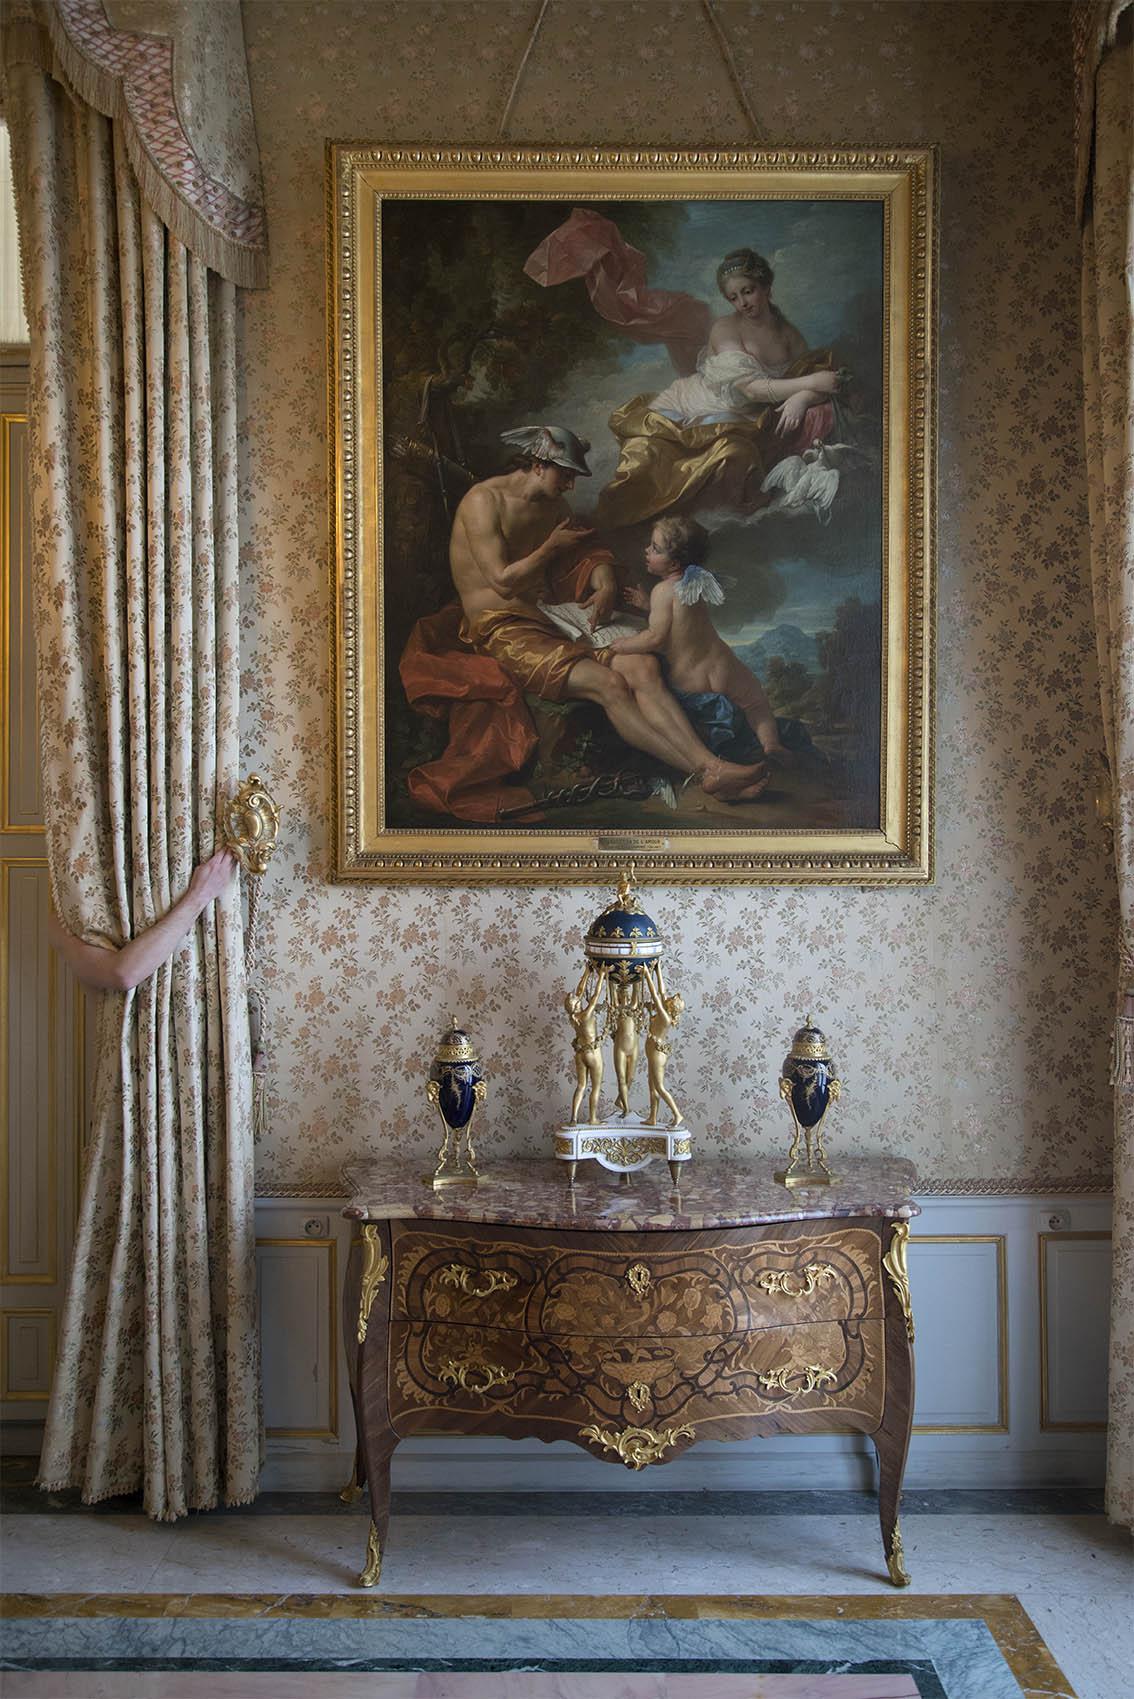 L'Education de l'Amour par Jean-Louis François Lagrenée (1724-1805), Alexandre, commode d'époque Louis XV. Palais Princier de Monaco. 2018